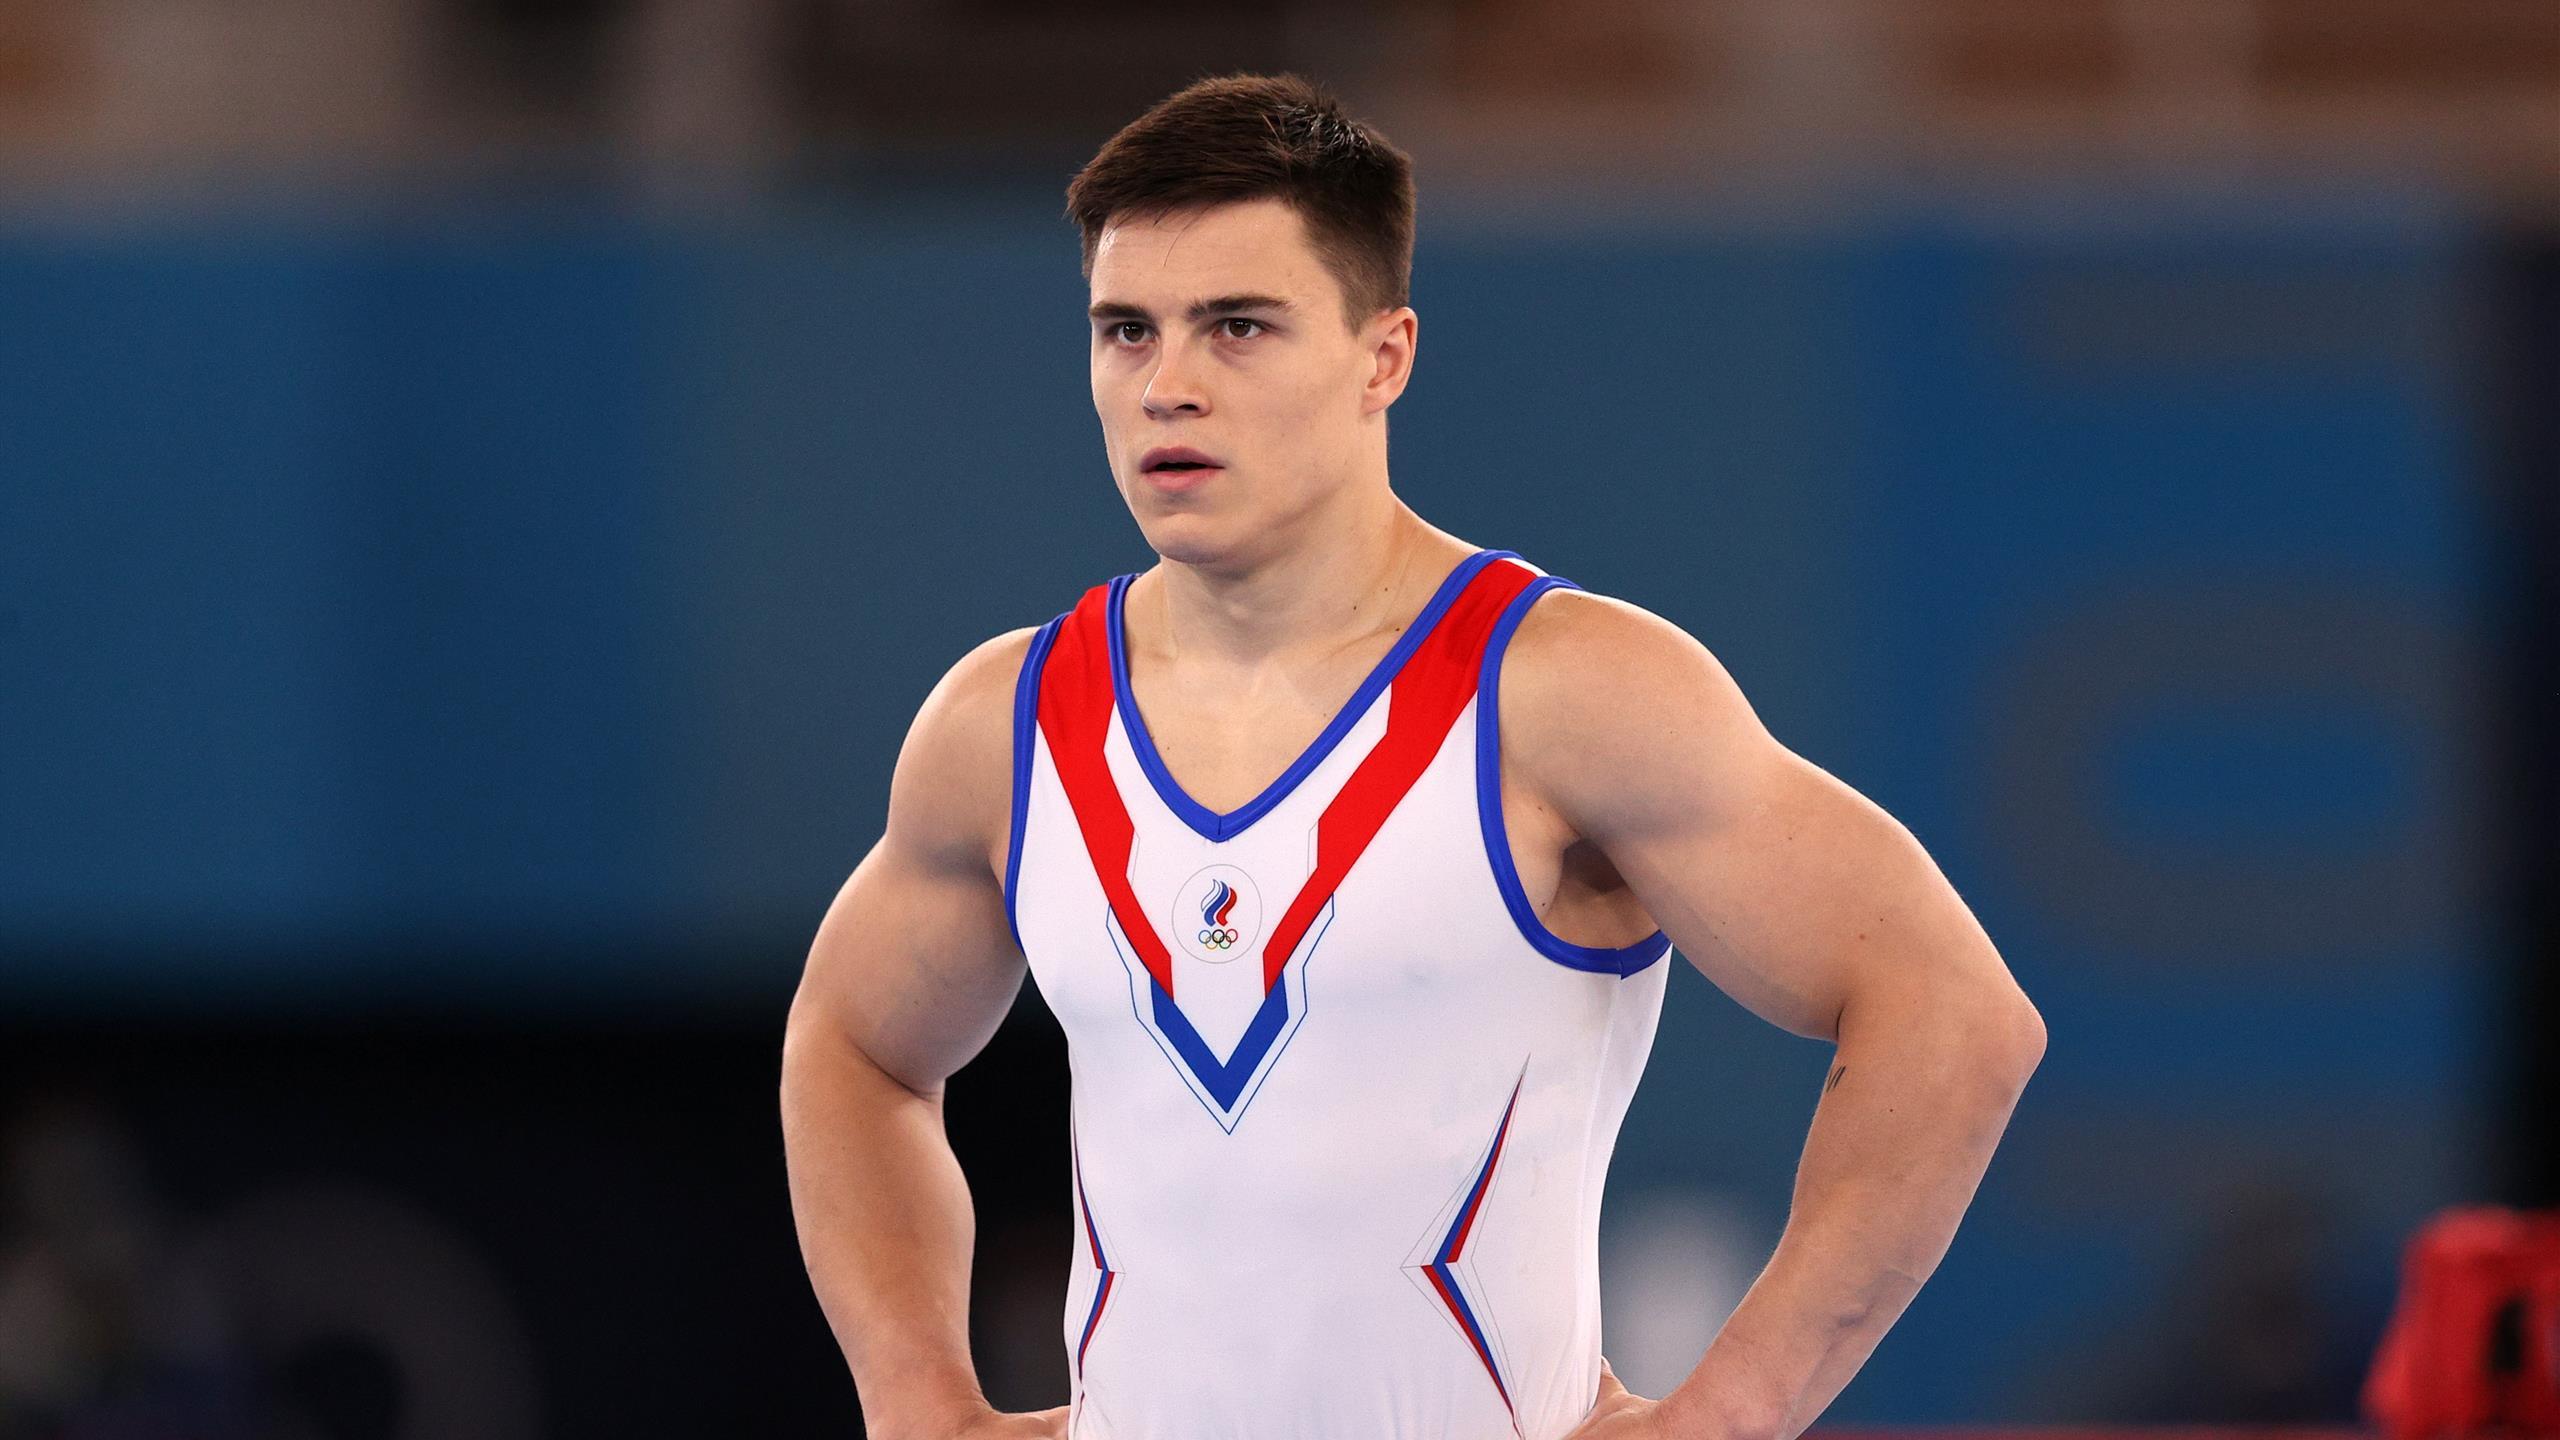 🥉 У Нагорного бронза, Россия впервые проиграла в гимнастике